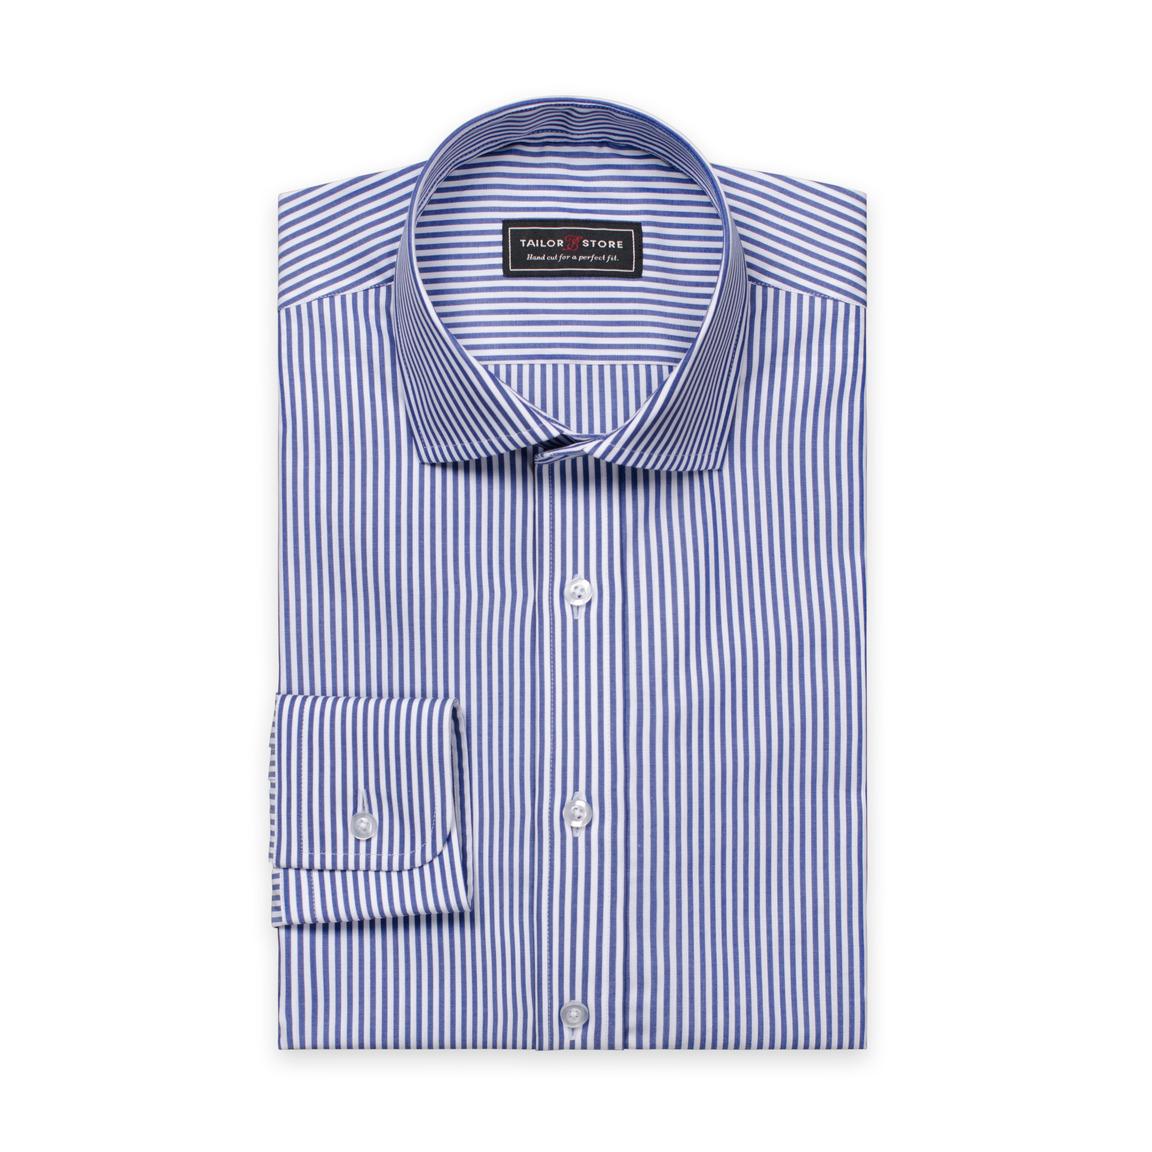 Chemise à rayures avec un col cut-away classique Blanc/Bleu